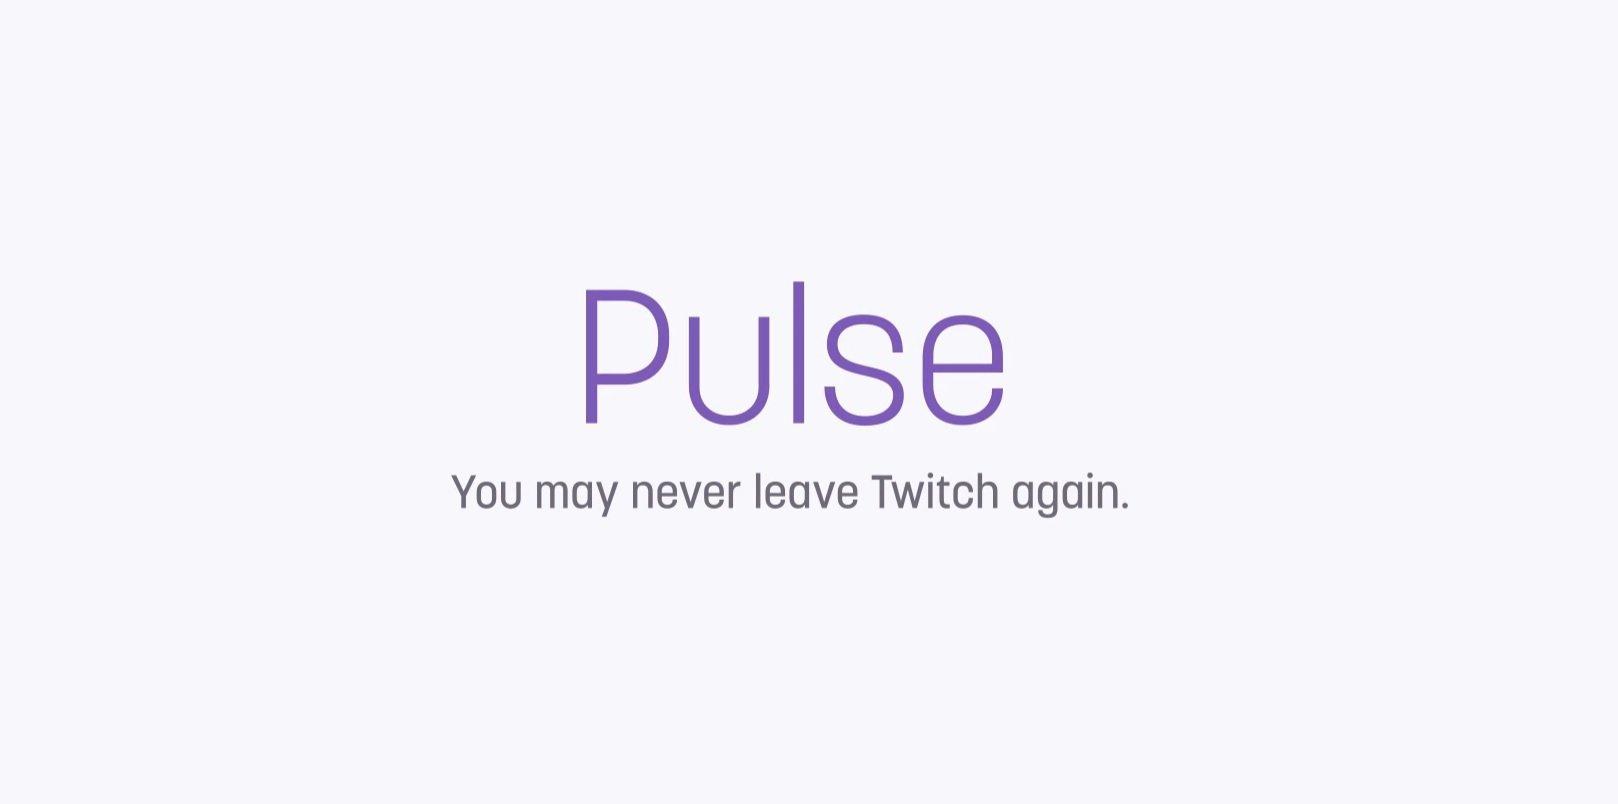 Pulse, la nueva red social creada por Twitch 1